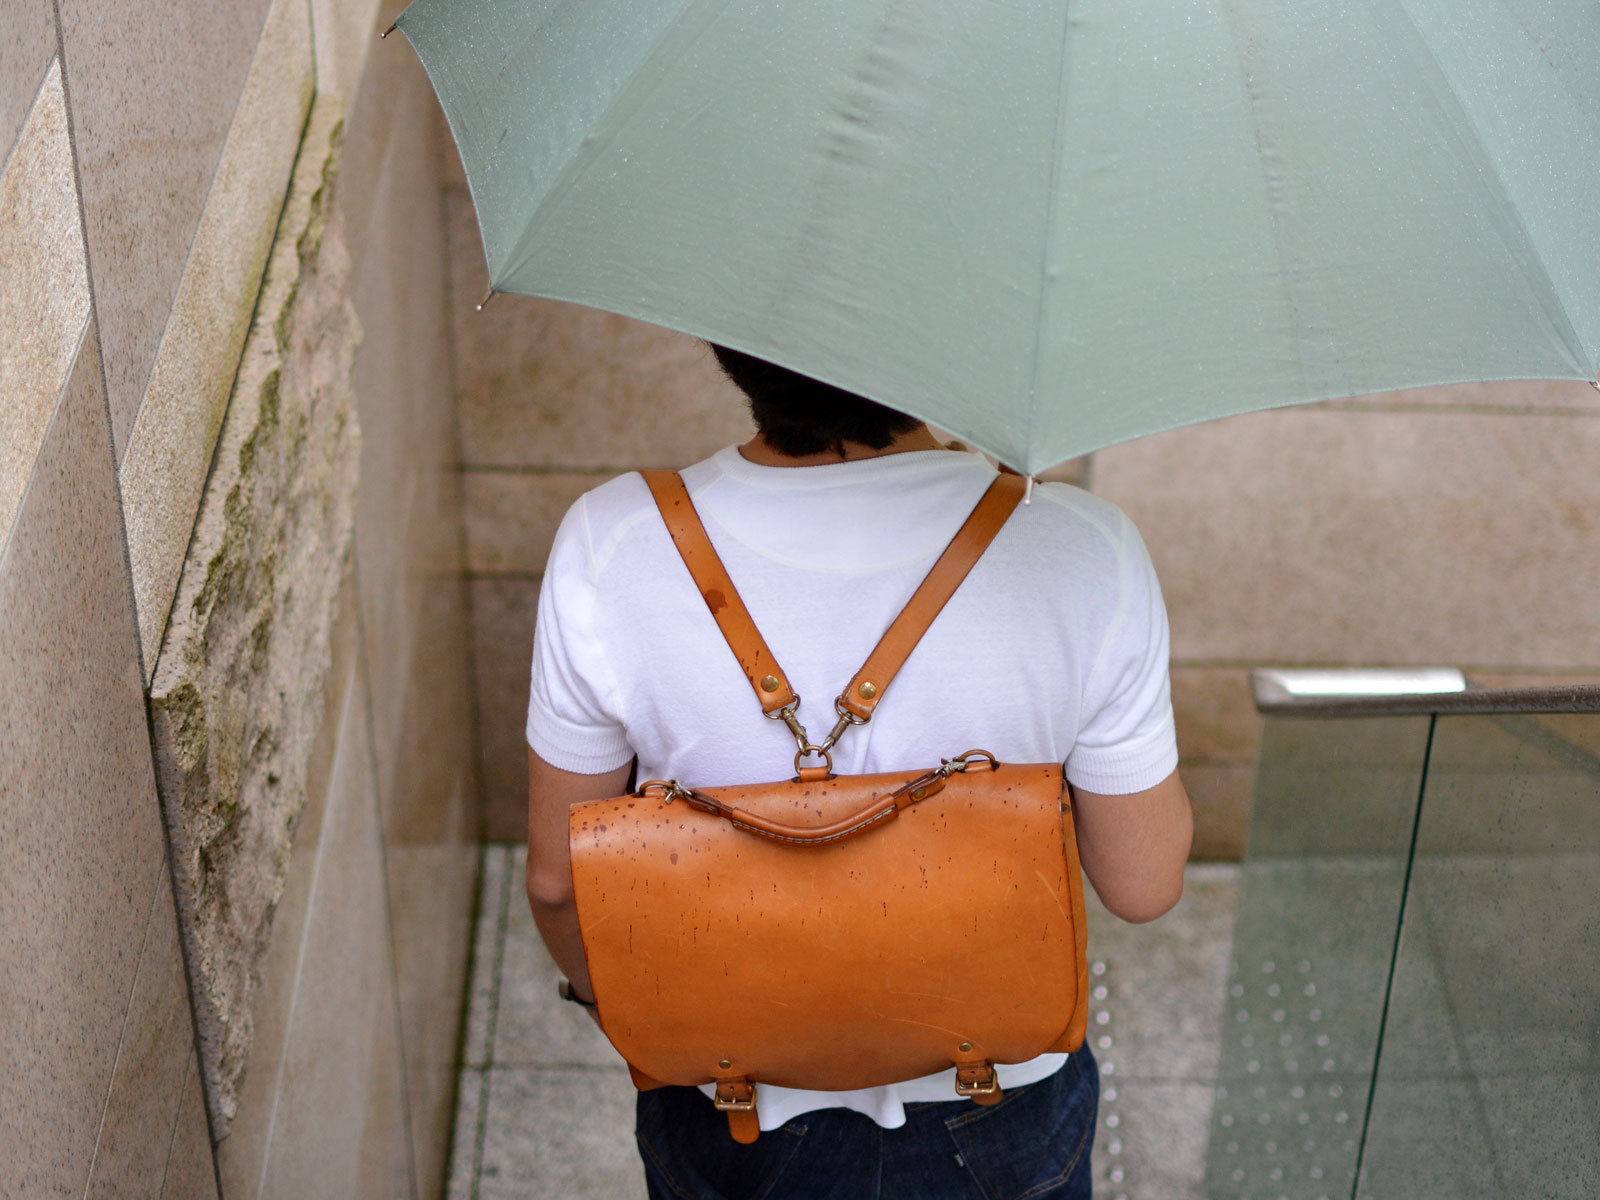 HERZなんでも実験室 Vol.1 雨に濡れてしまった!気になる雨染みどうなるの?